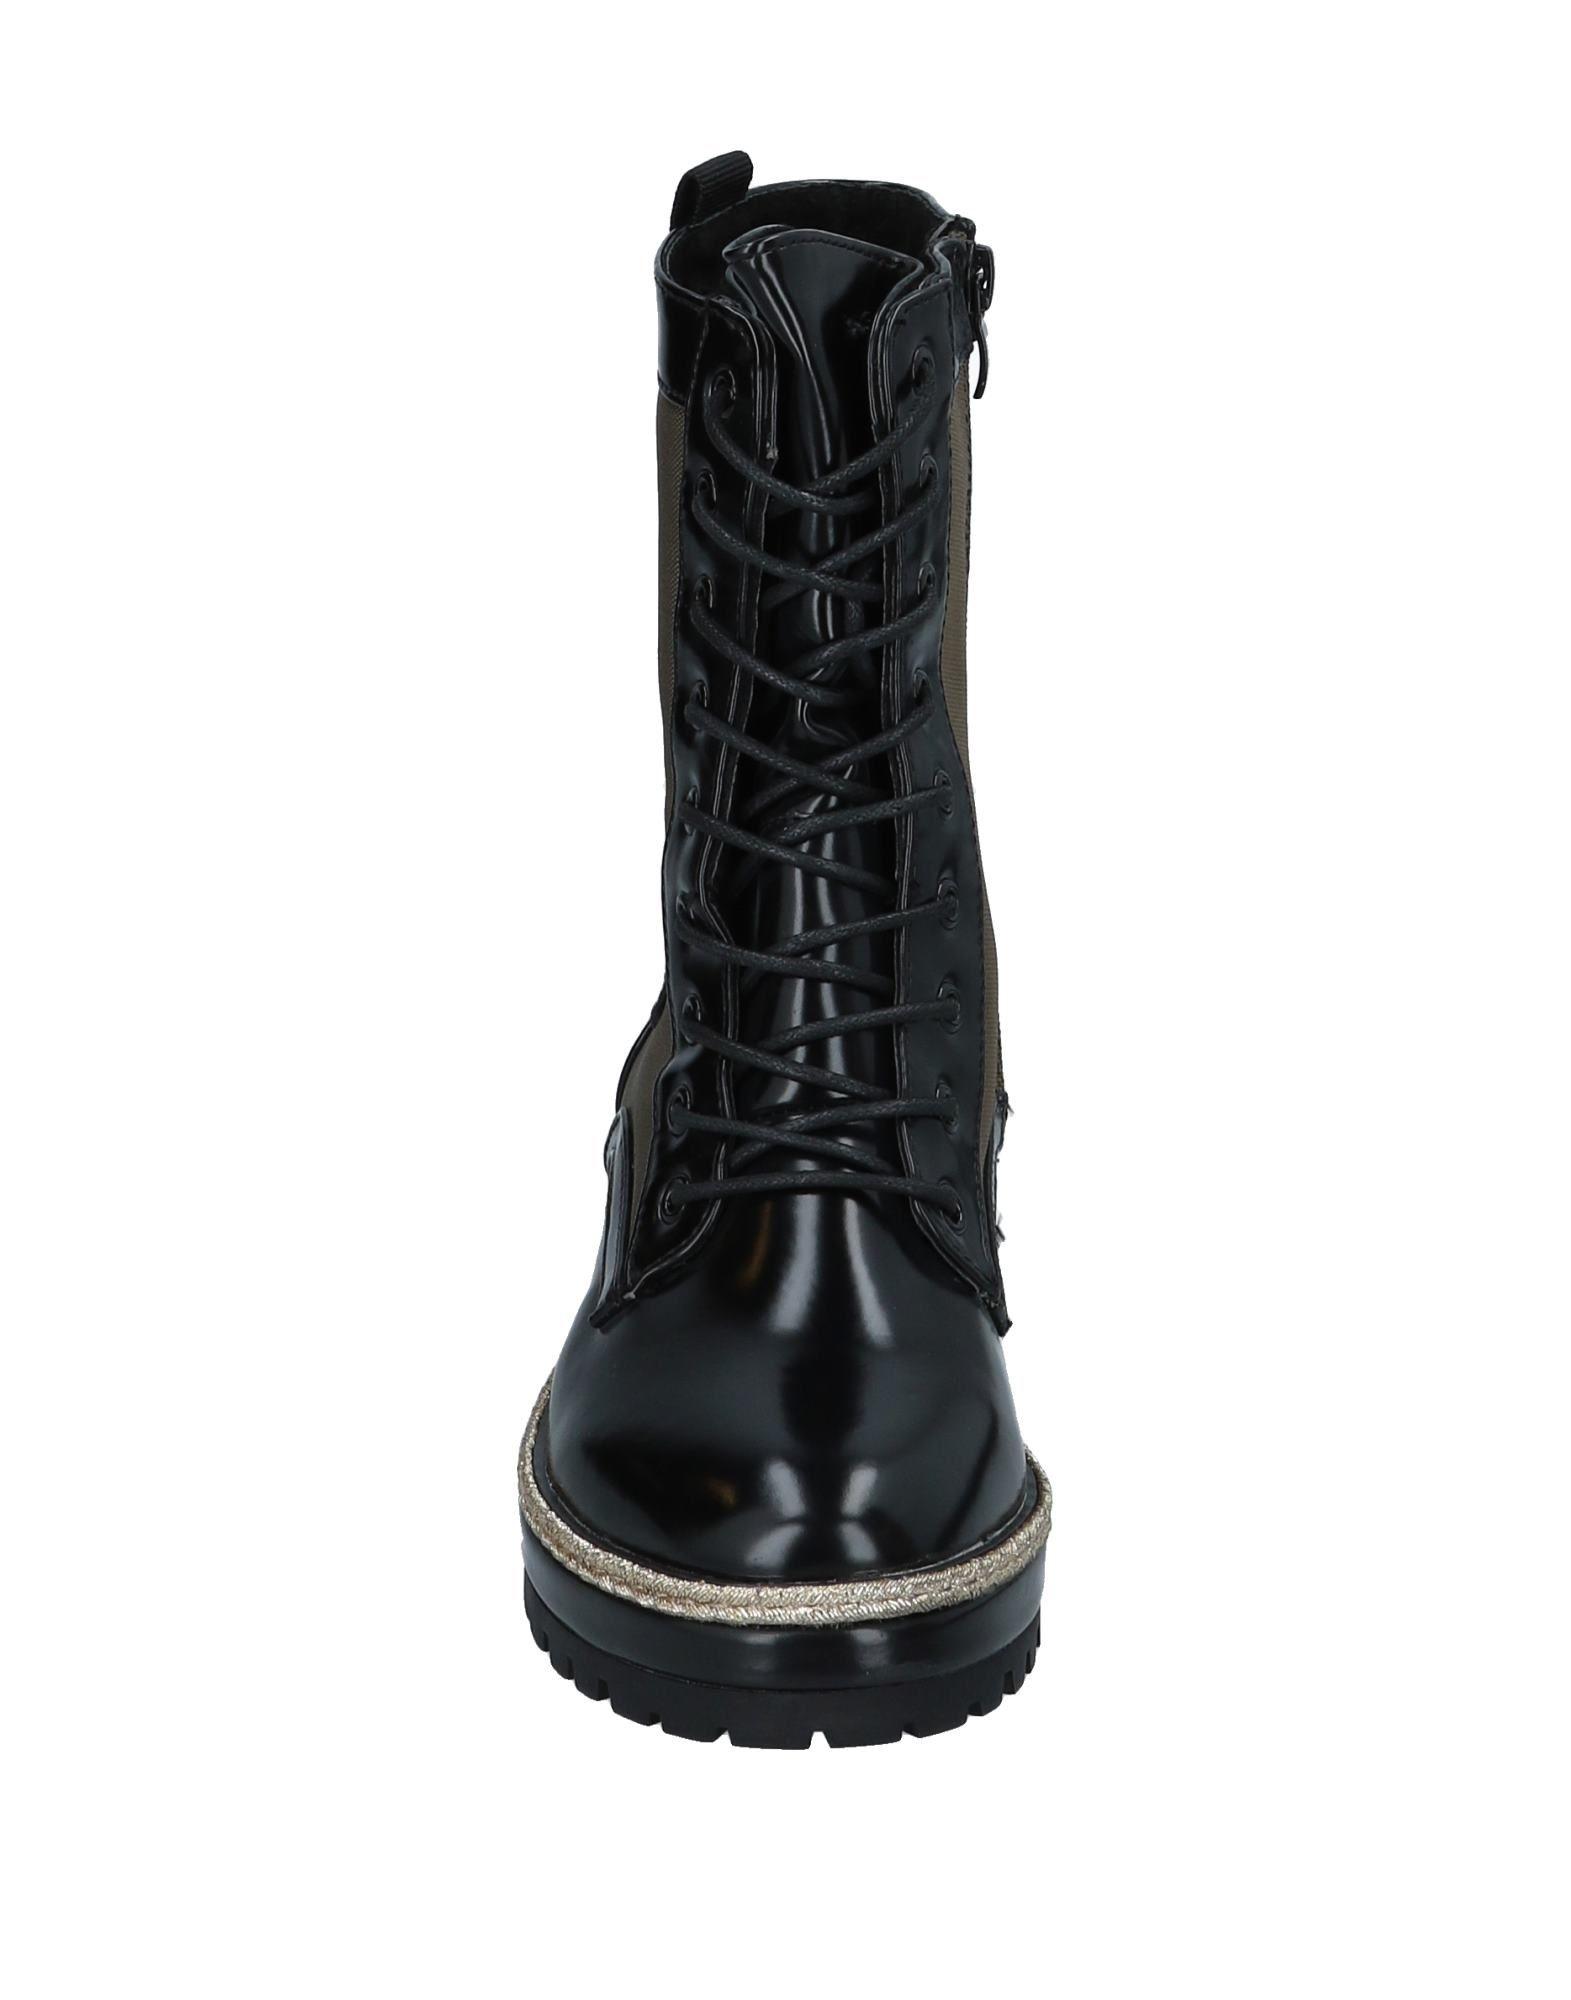 67 Sixtyseven Stiefelette Gute Damen  11541484AI Gute Stiefelette Qualität beliebte Schuhe 3f3c3a